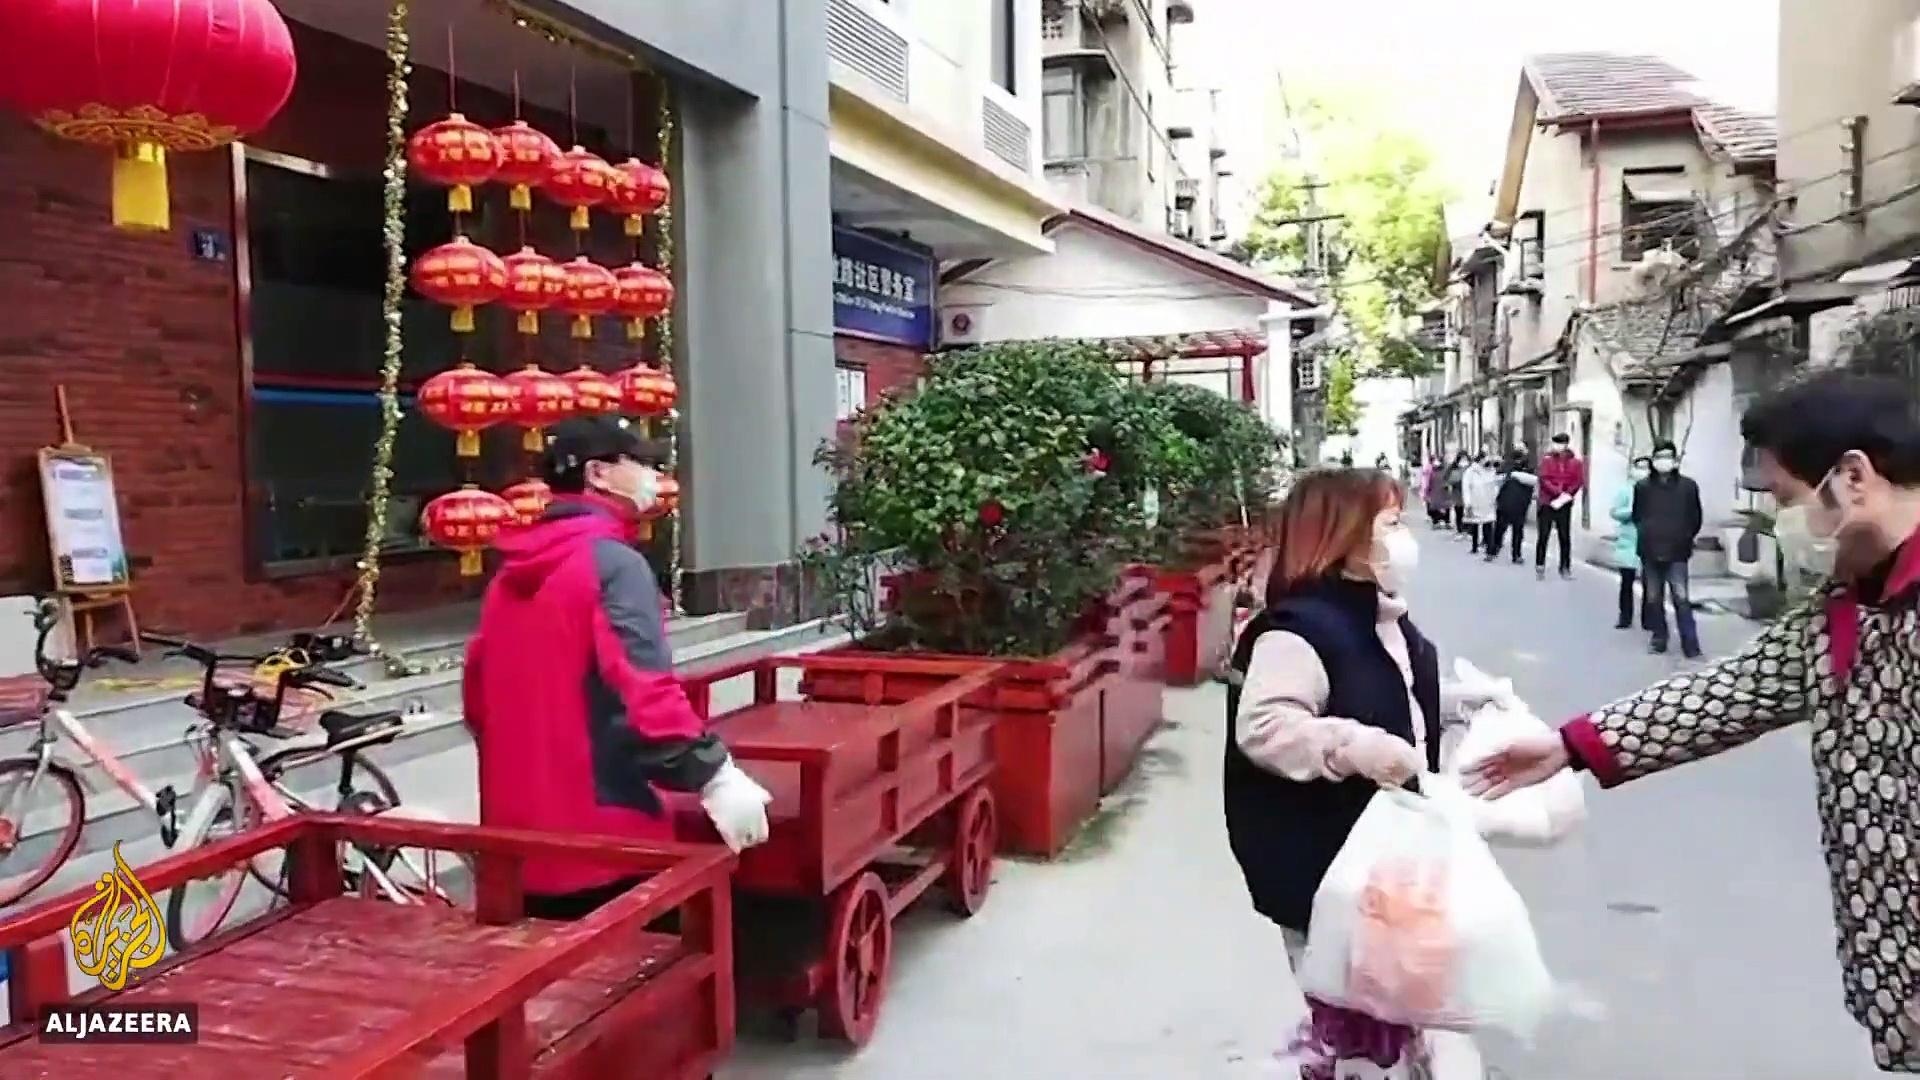 CORONAVIRUS WUHAN LOCKDOWN. Wuhan residents ordered to remain indoors.